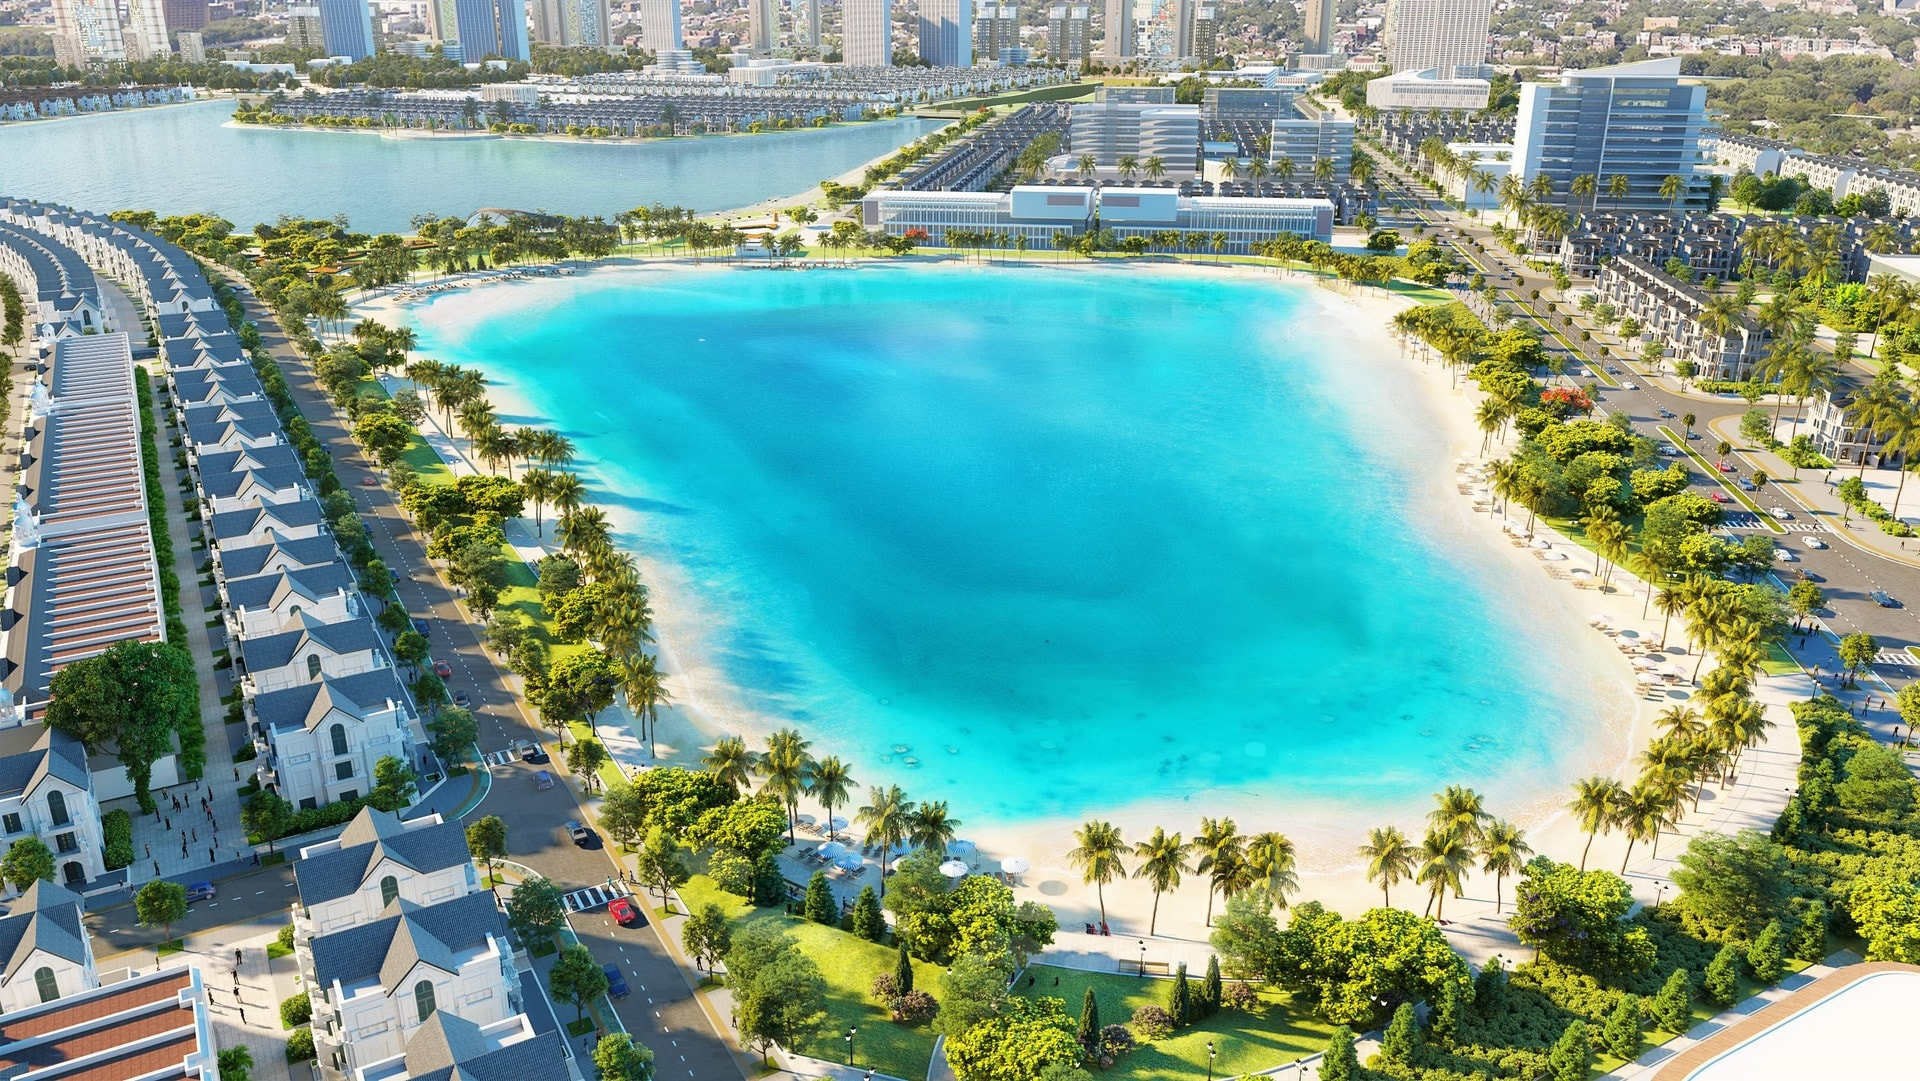 Biển hồ nước mặn nhân tạo diện tích 6.1ha nằm liền kề hồ nước ngọt 24.5ha.